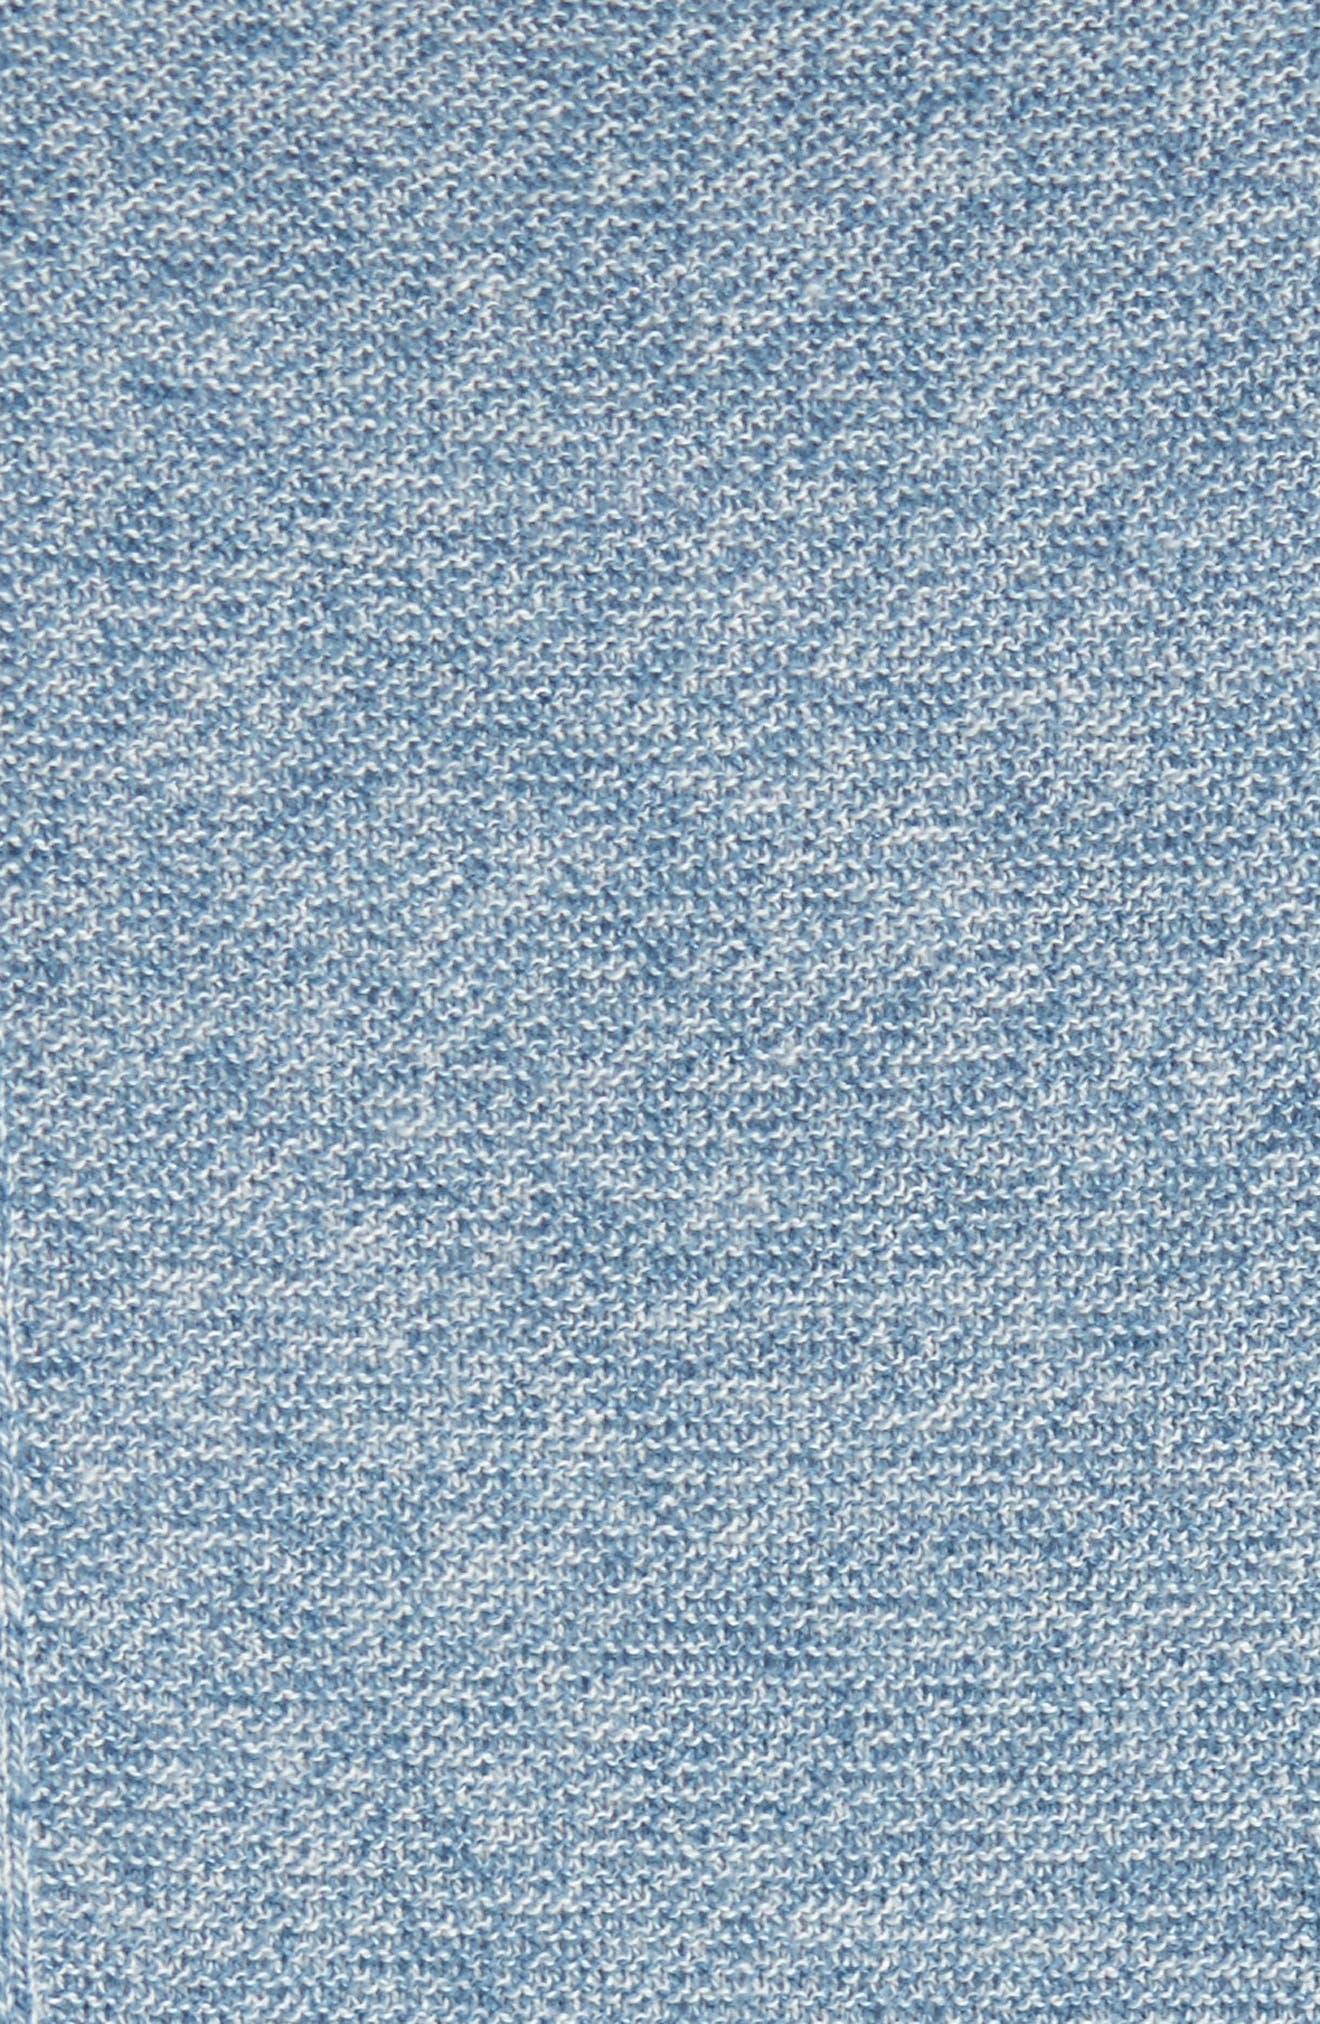 Valley V-Neck Sweater Vest,                             Alternate thumbnail 5, color,                             Blue Print/ White Melange